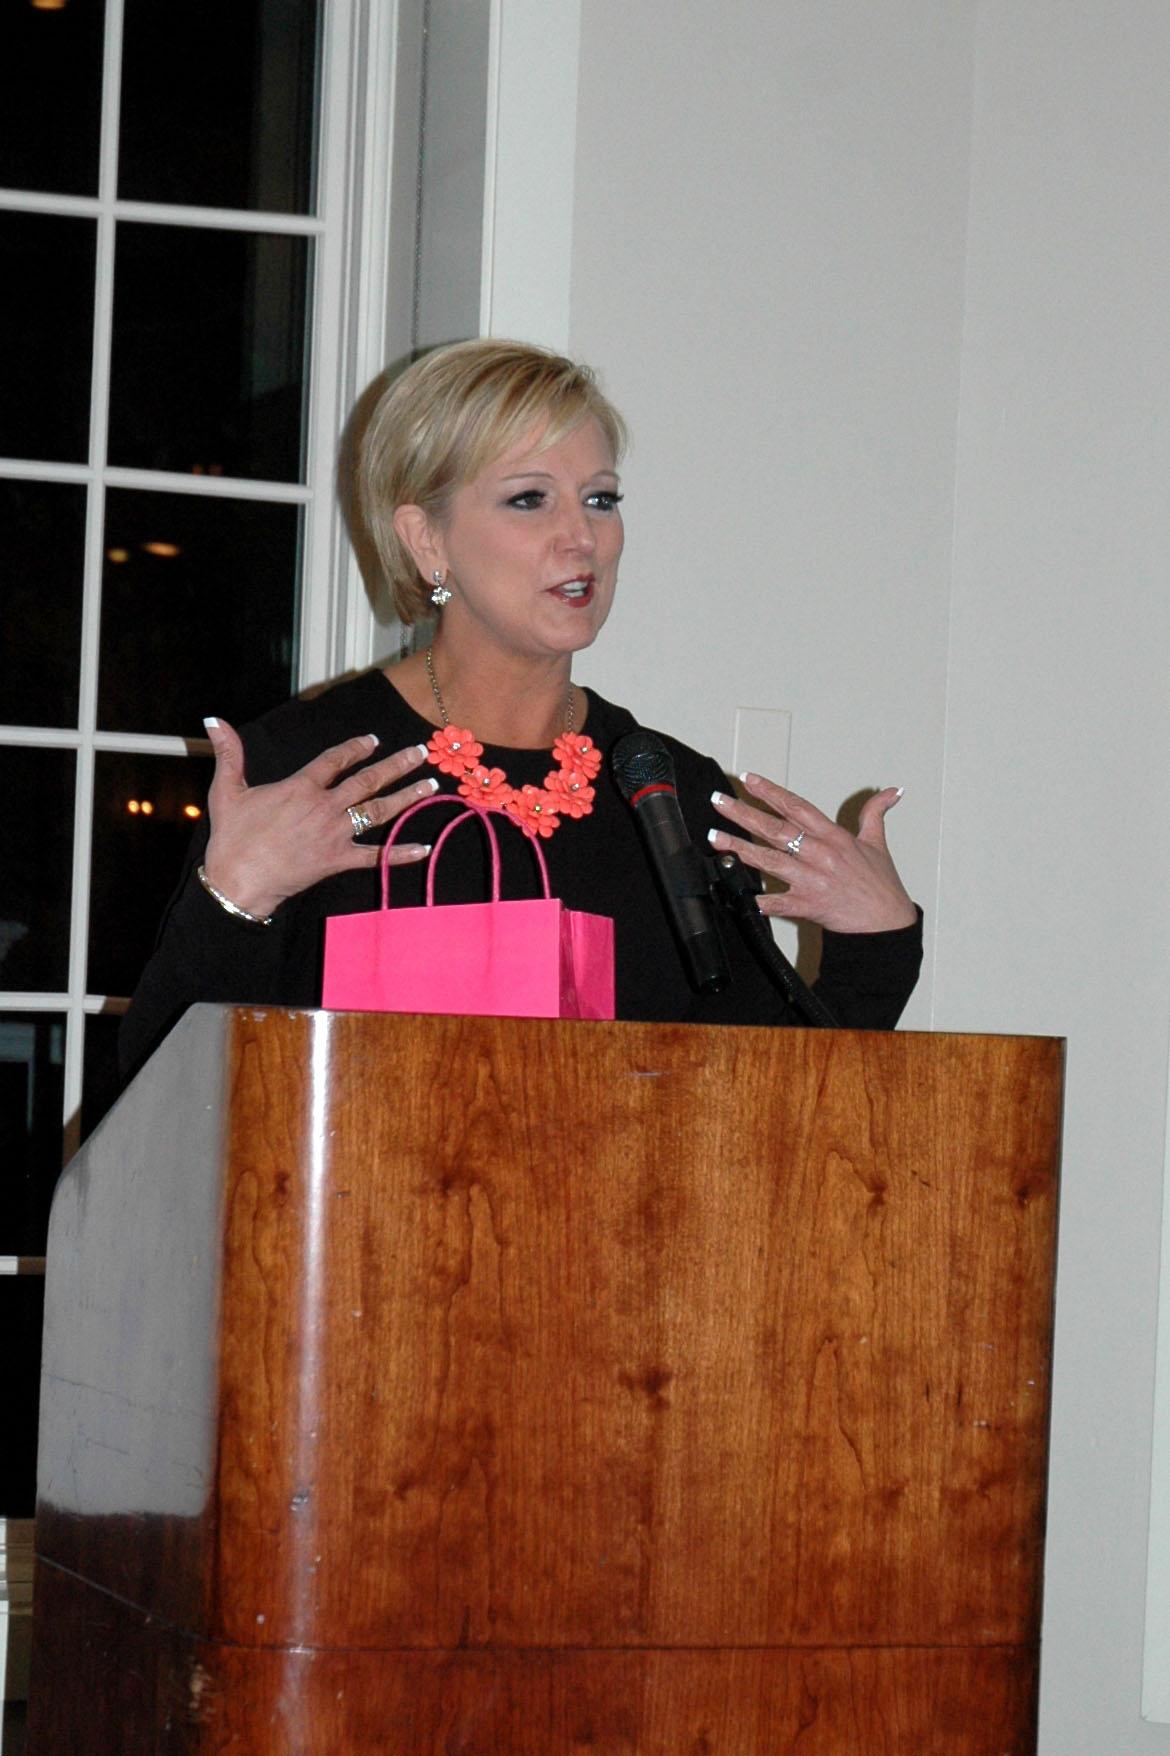 Kelly Eckerman – KMBC 9 News Anchor